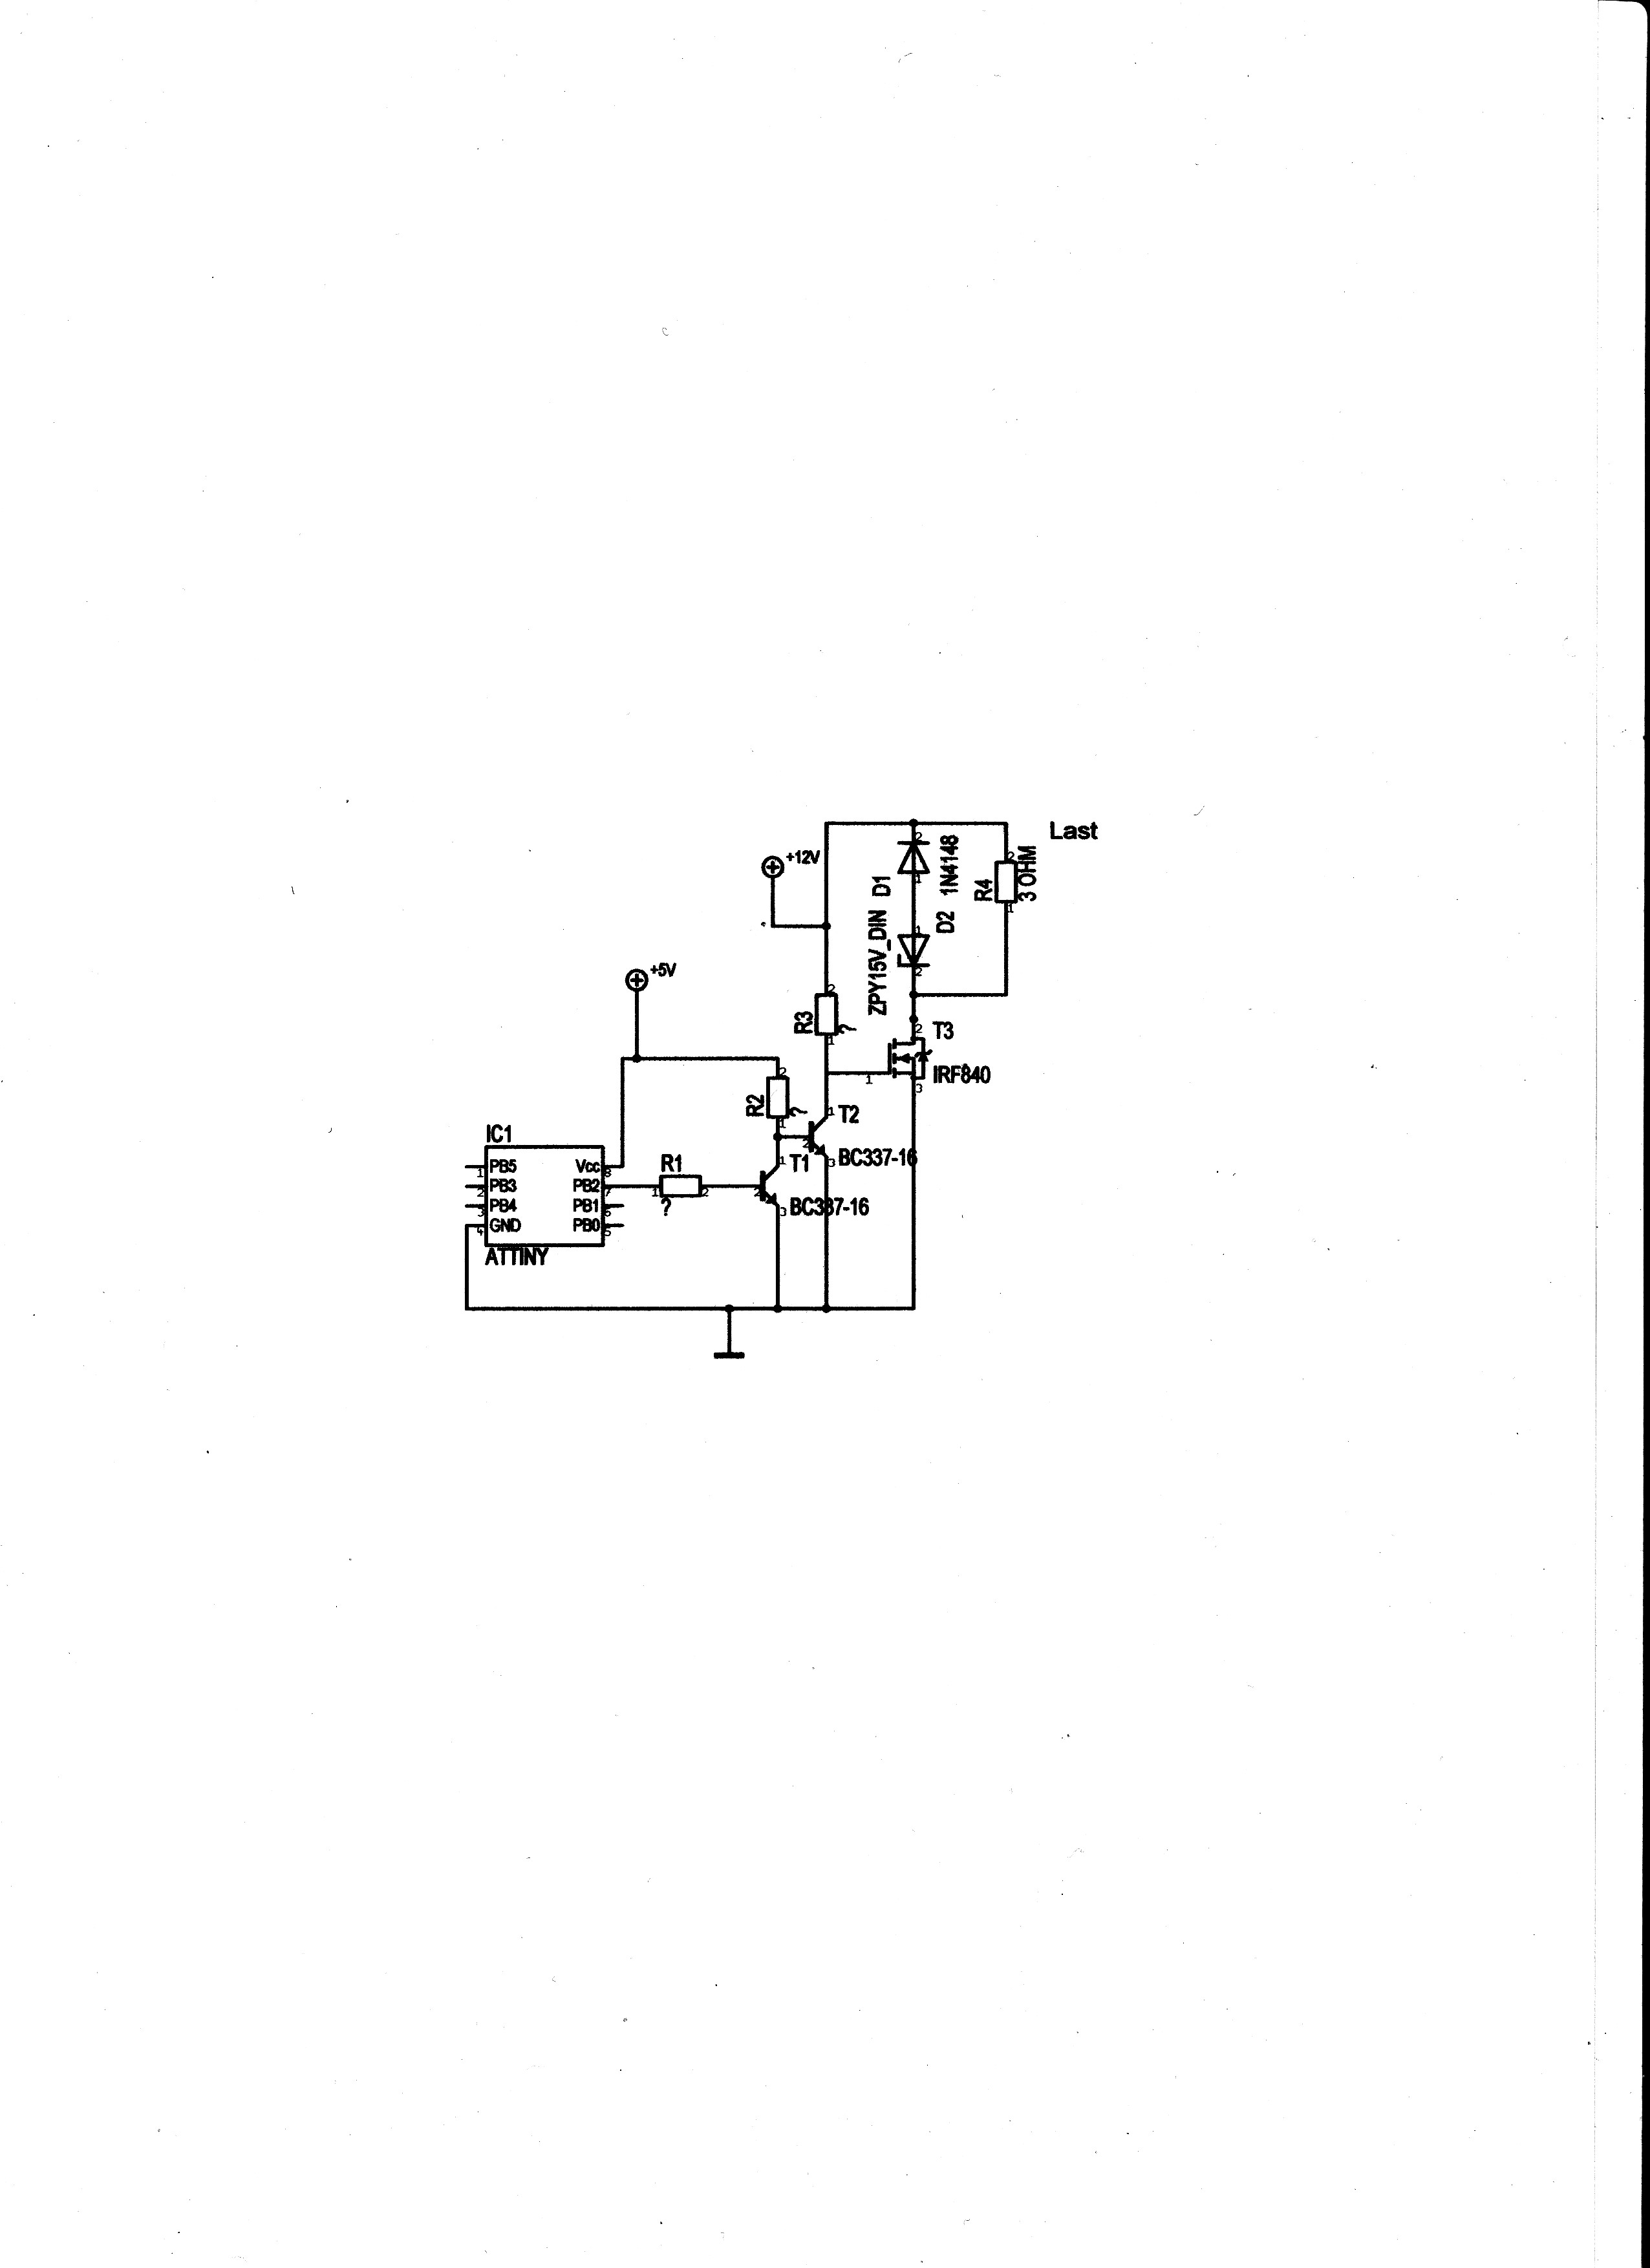 transistor als schalter pegelwandler widerst nde berechnen. Black Bedroom Furniture Sets. Home Design Ideas